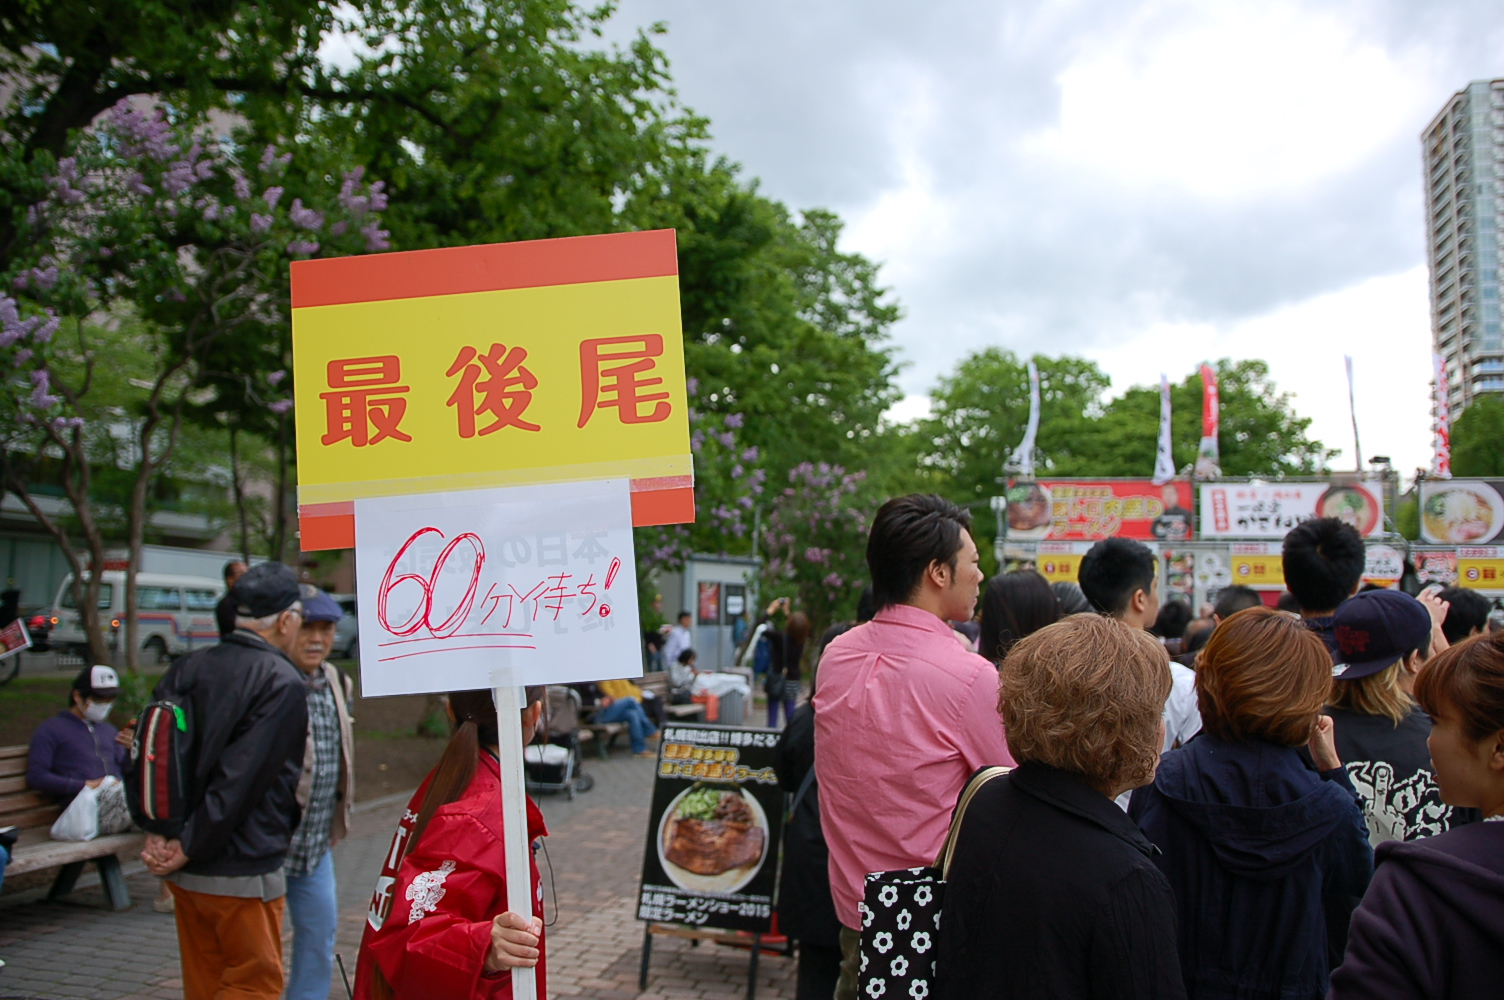 初開催の「札幌ラーメンショー2015」が大通公園で開幕!